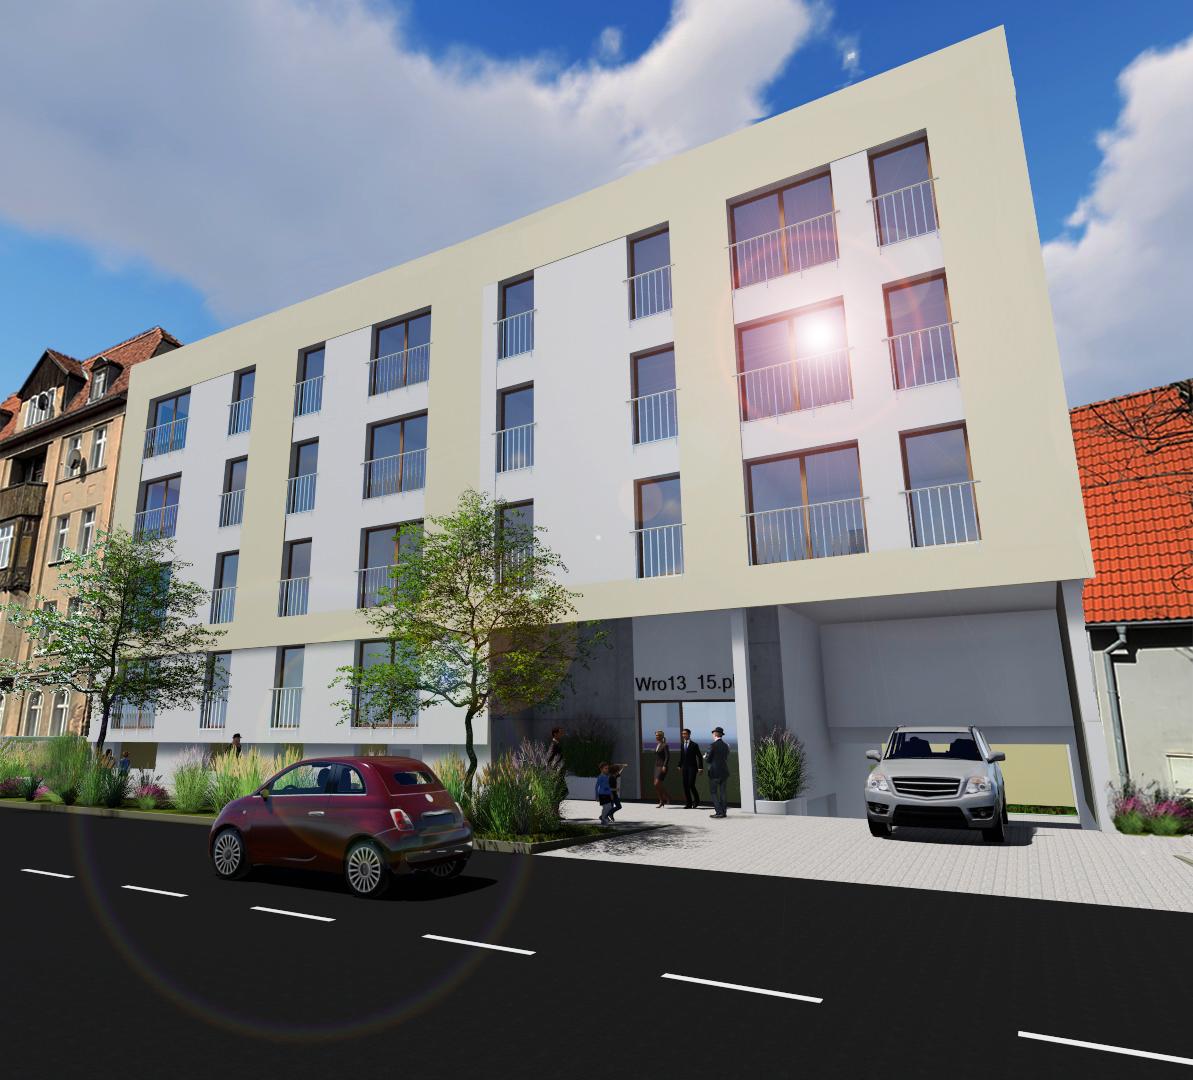 Wrocławska 15 nowe mieszkanie 43,17 m2